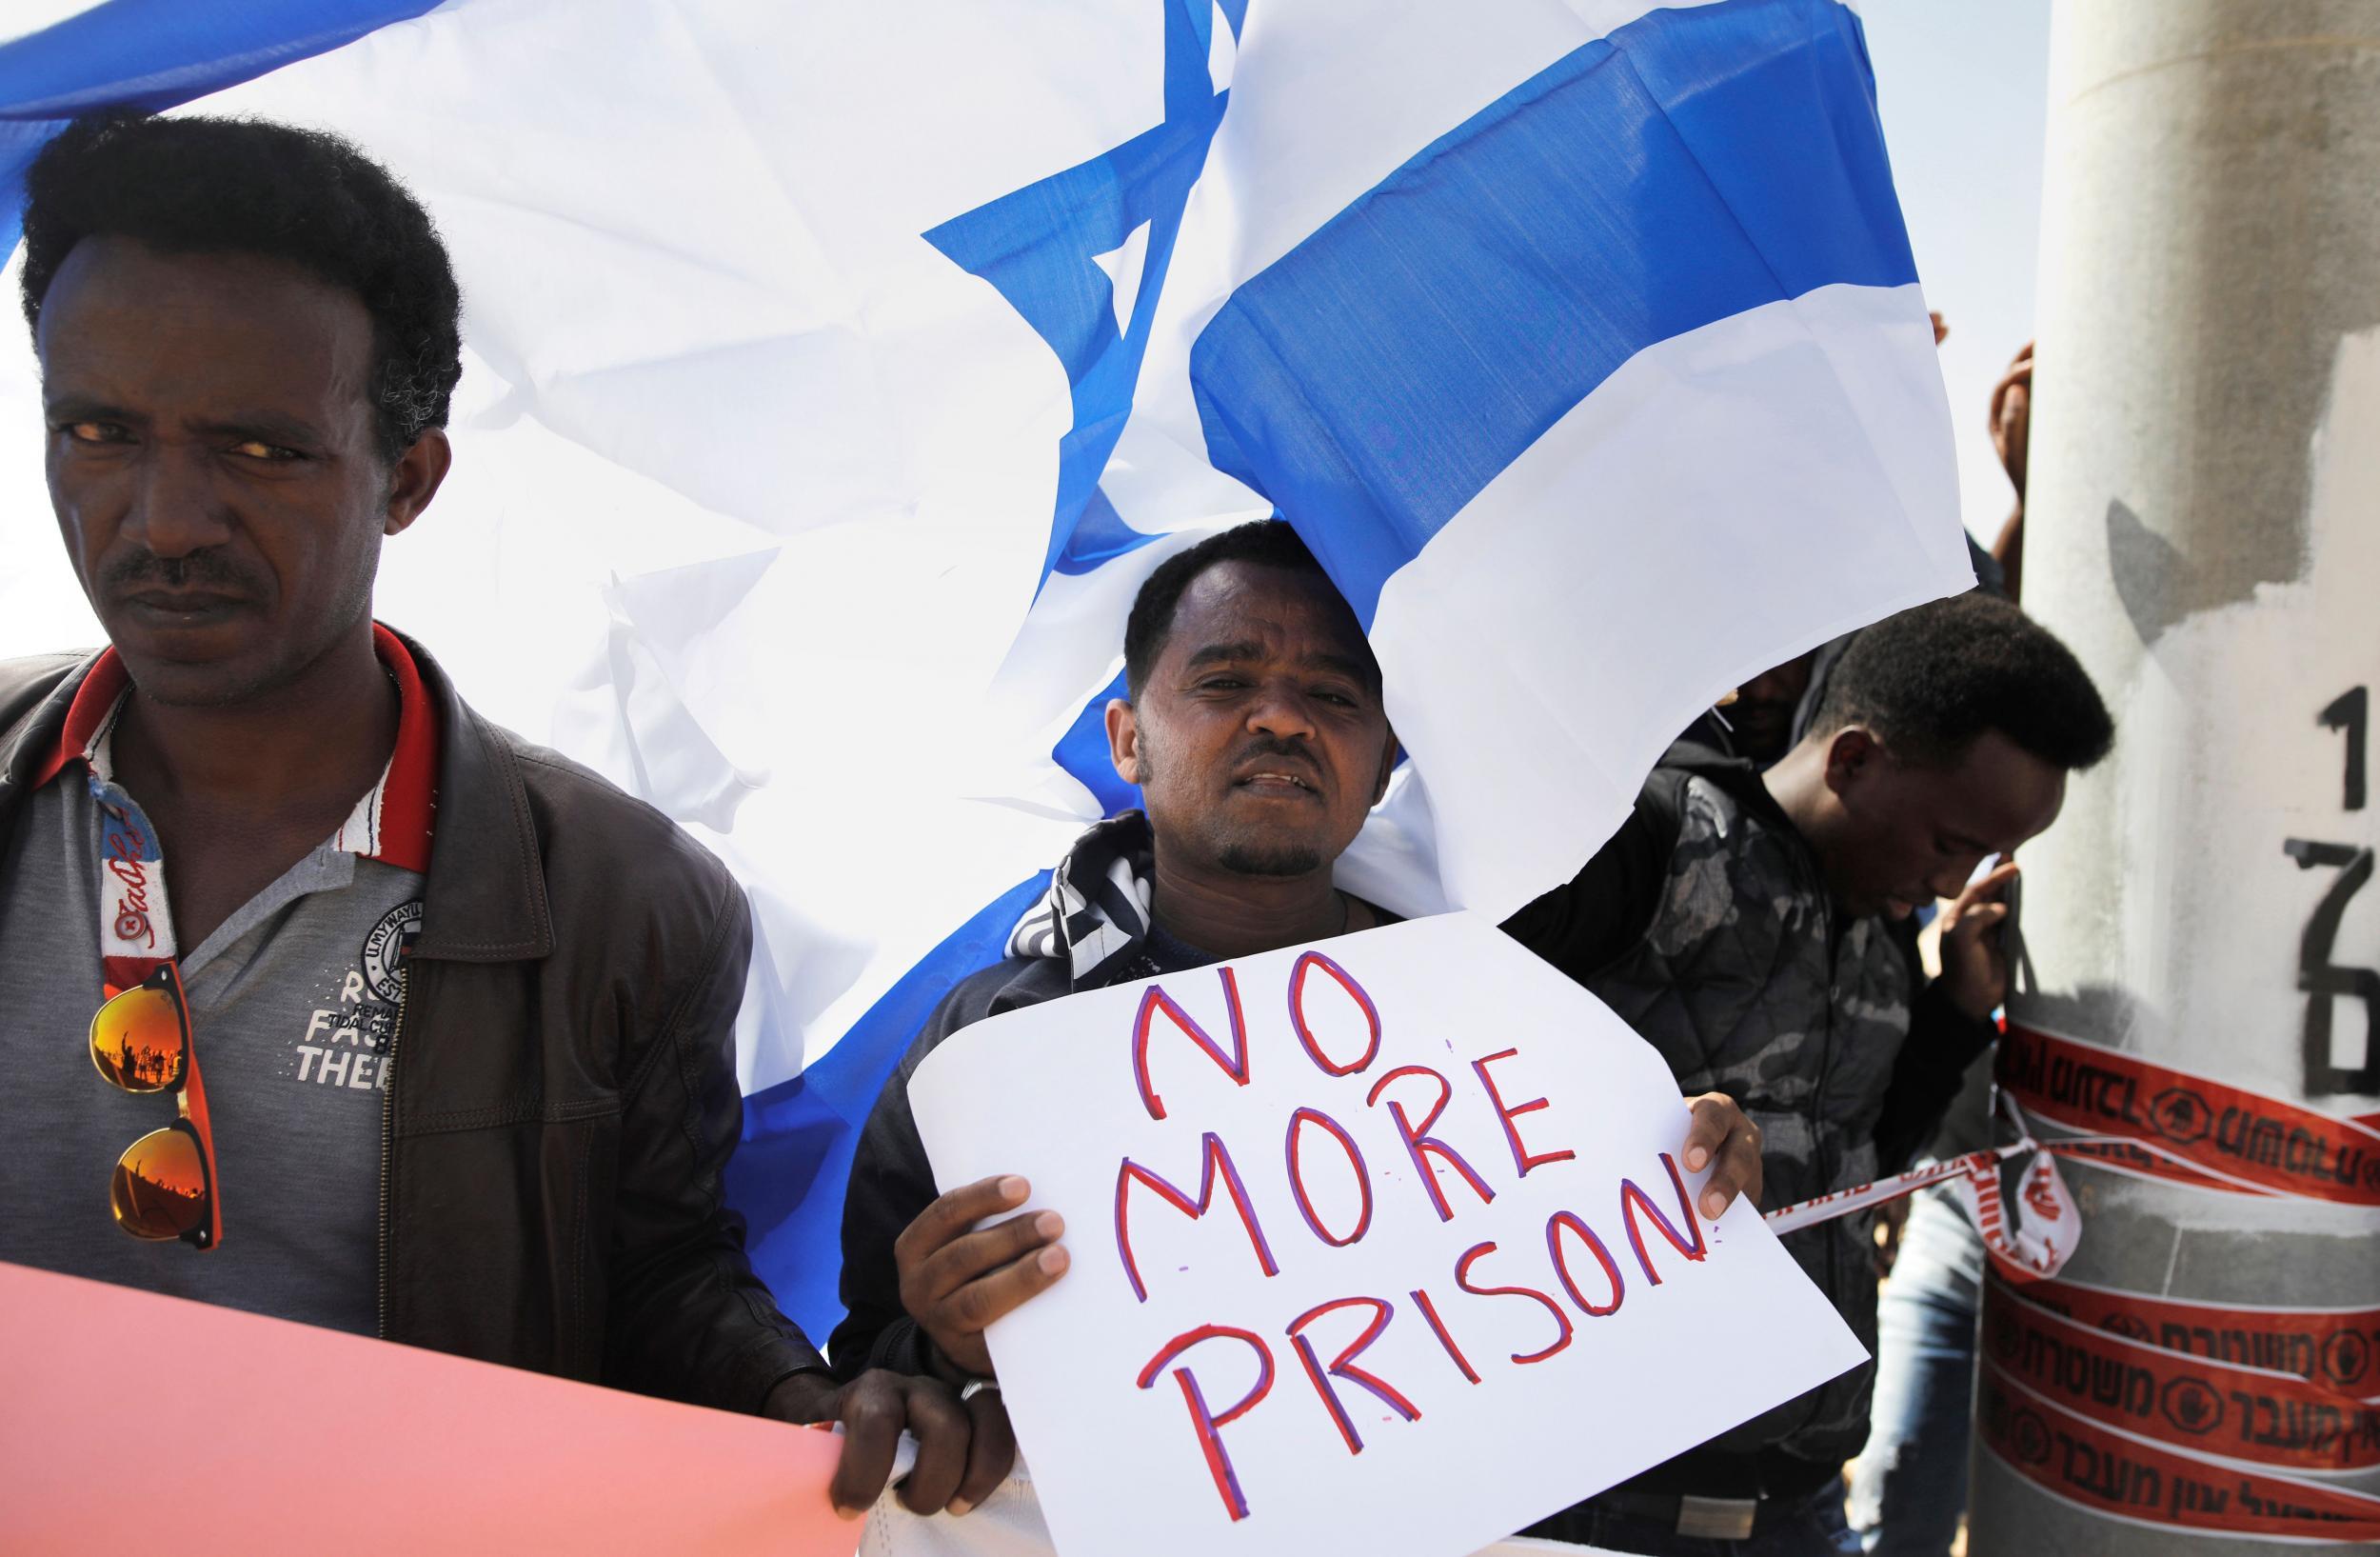 Israel has started jailing African asylum seekers refusing deportation